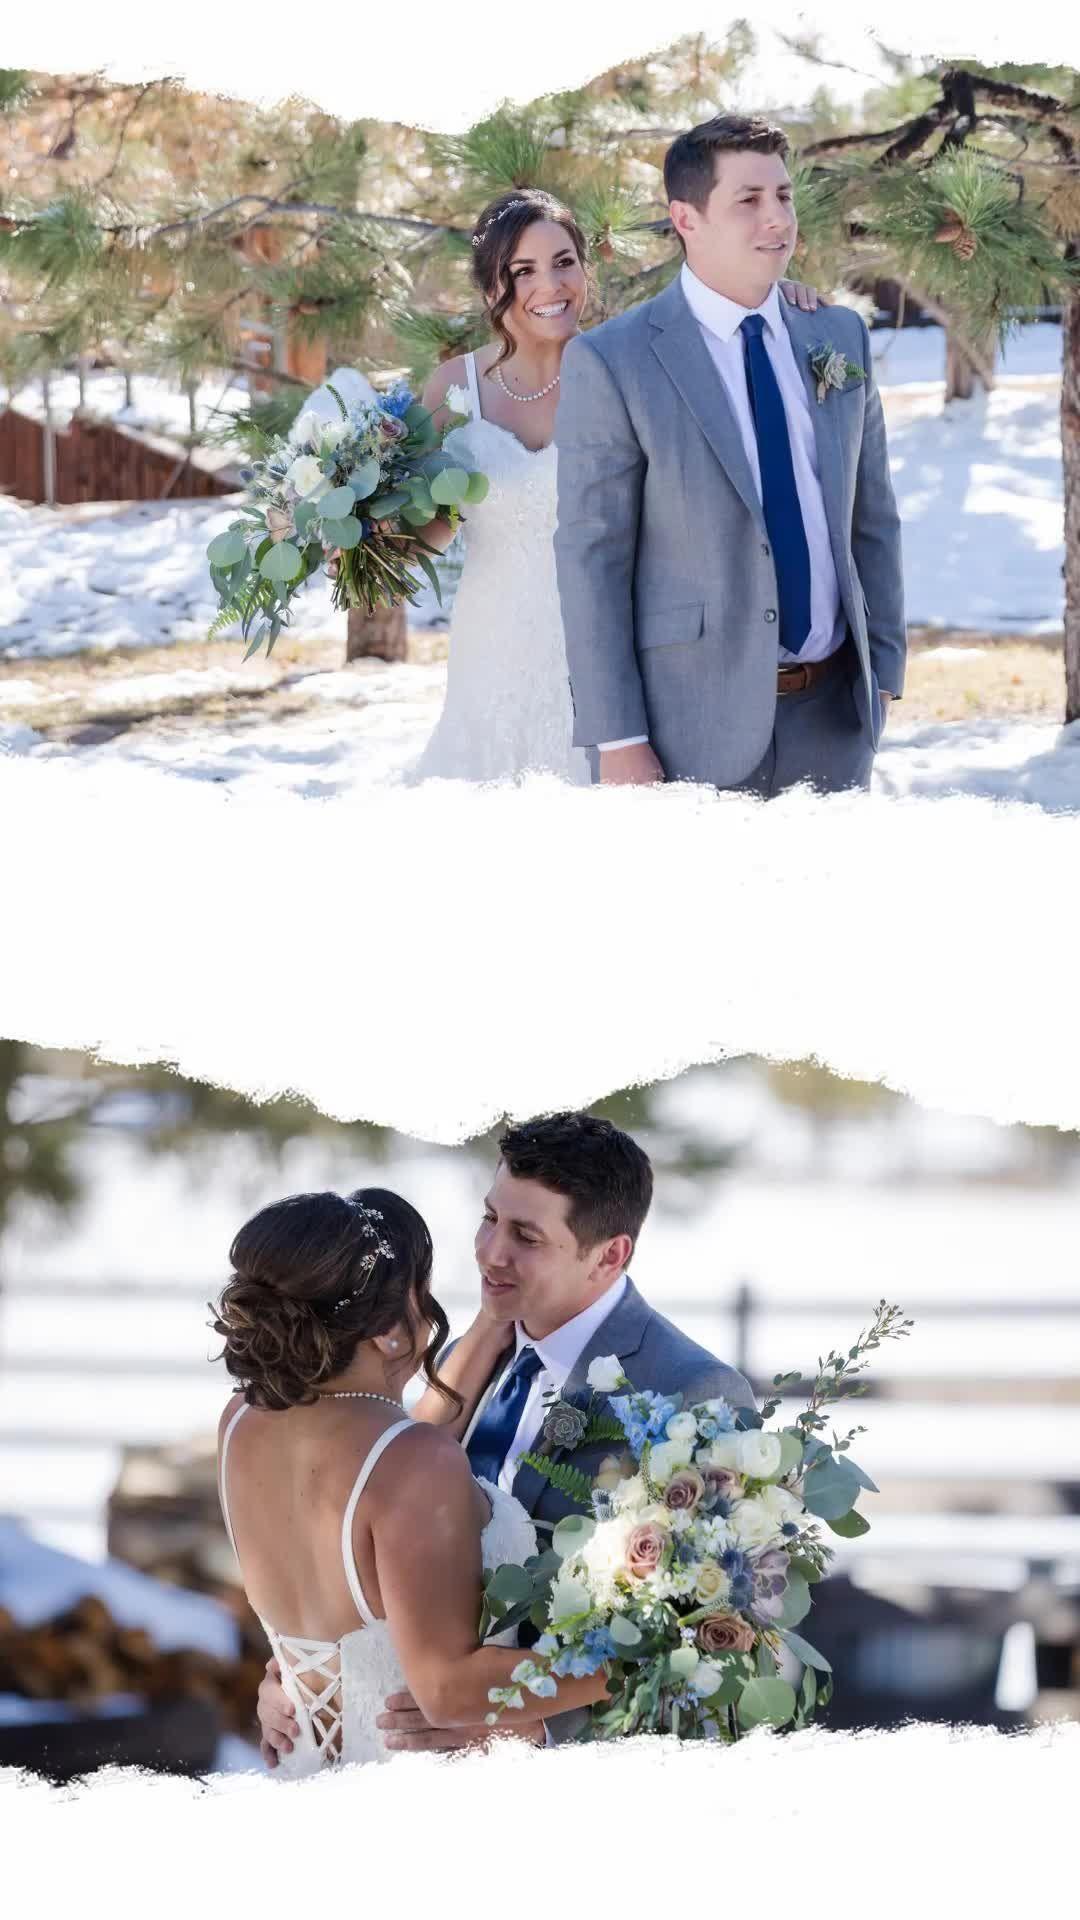 Winter Wedding Photography Lauren Scott Katie Corinne Photography S Blog Video Video Winter Weddings Photography Colorado Wedding Winter Wedding